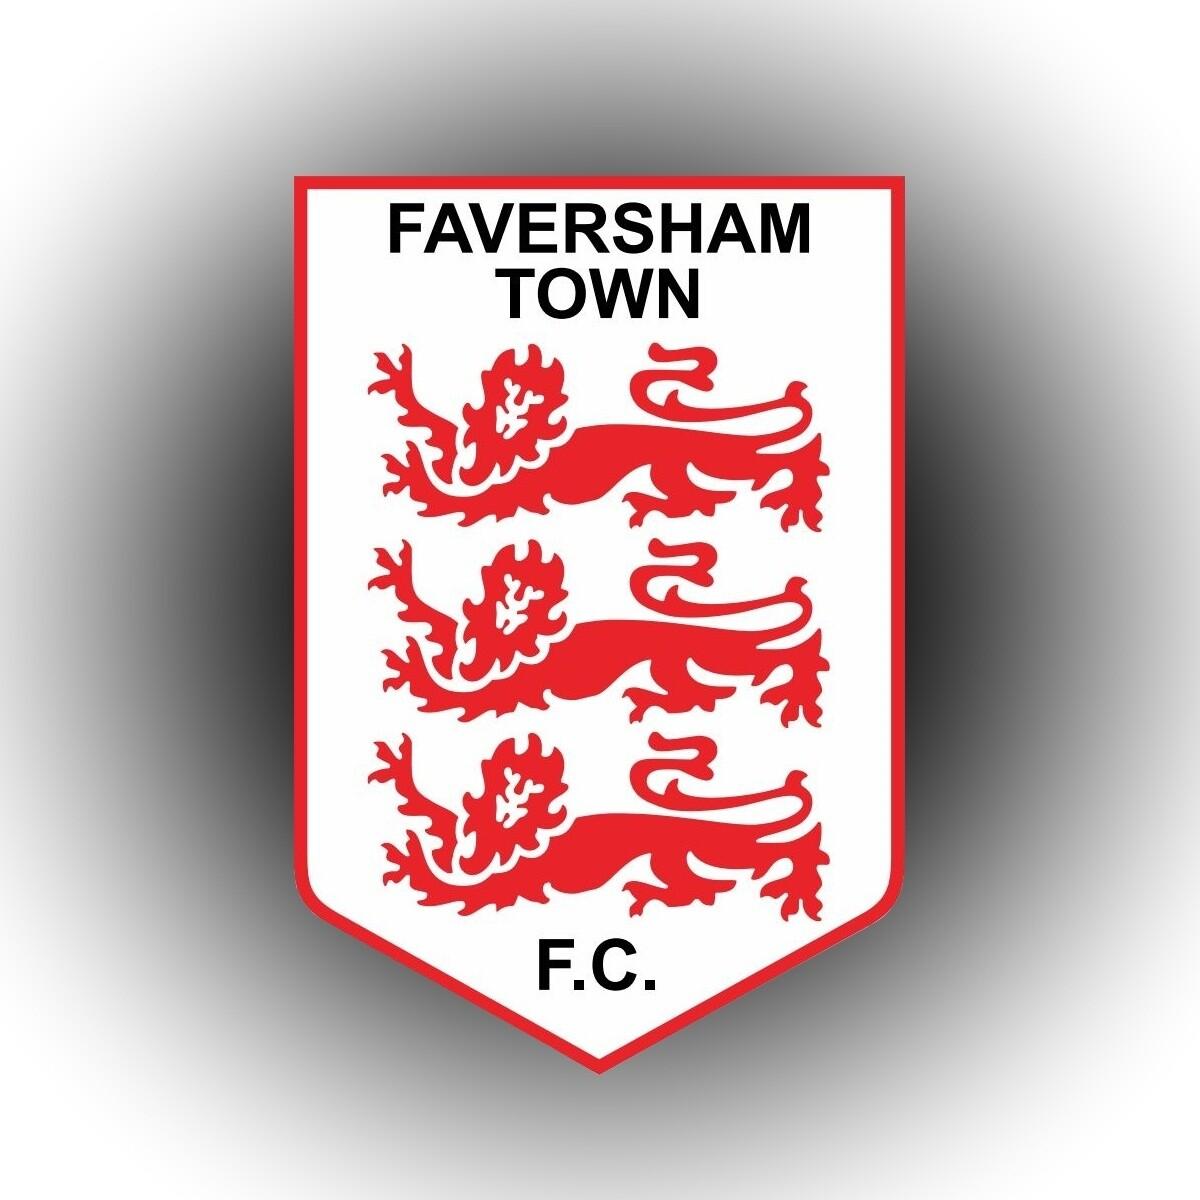 Faversham town F.C. Lilywhite Membership